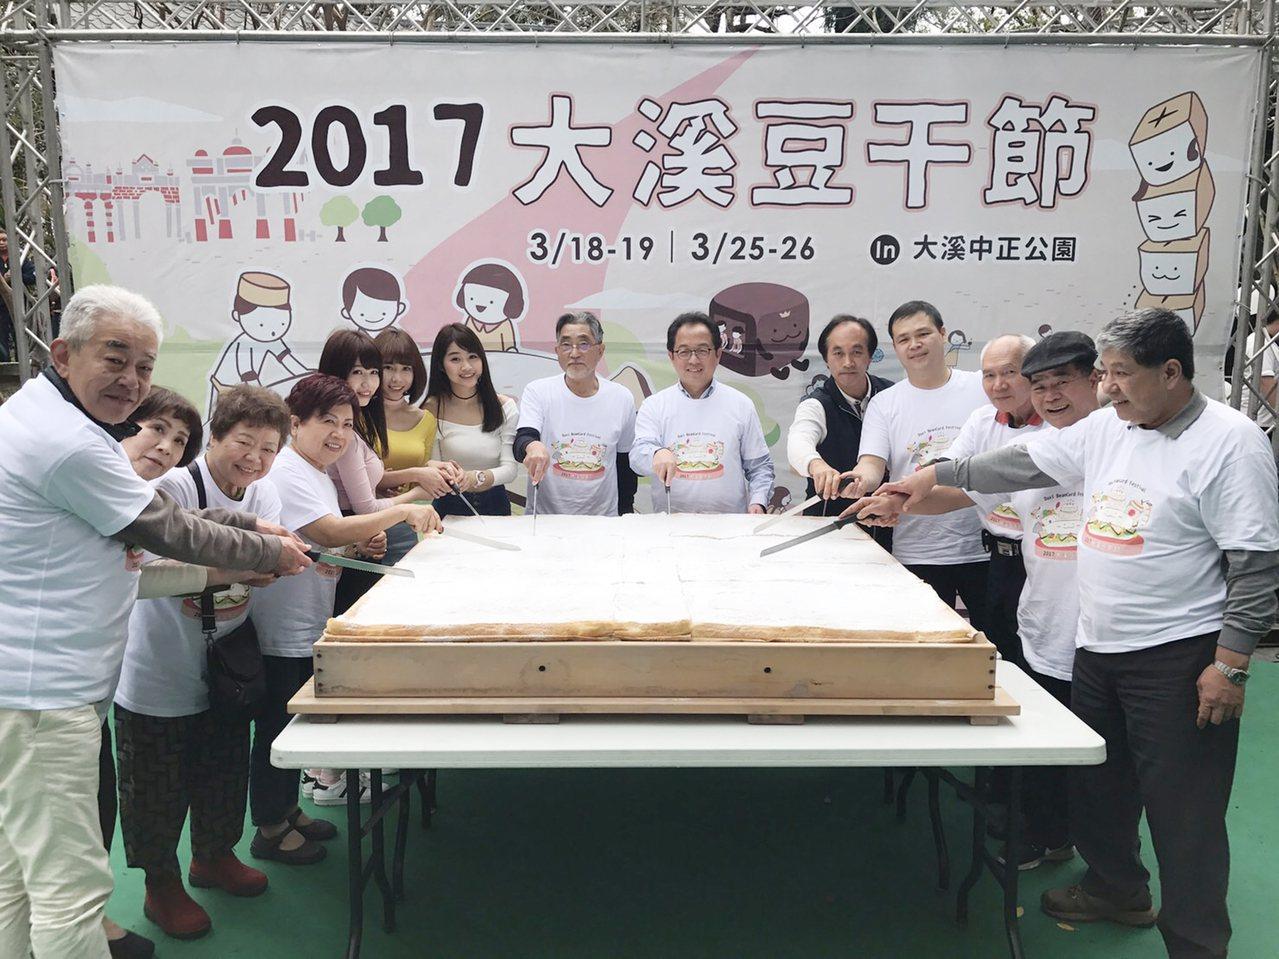 2017大溪豆干節19日展亮點,豆渣也有新生命,重達180台斤的豆腐大蛋糕登場,...